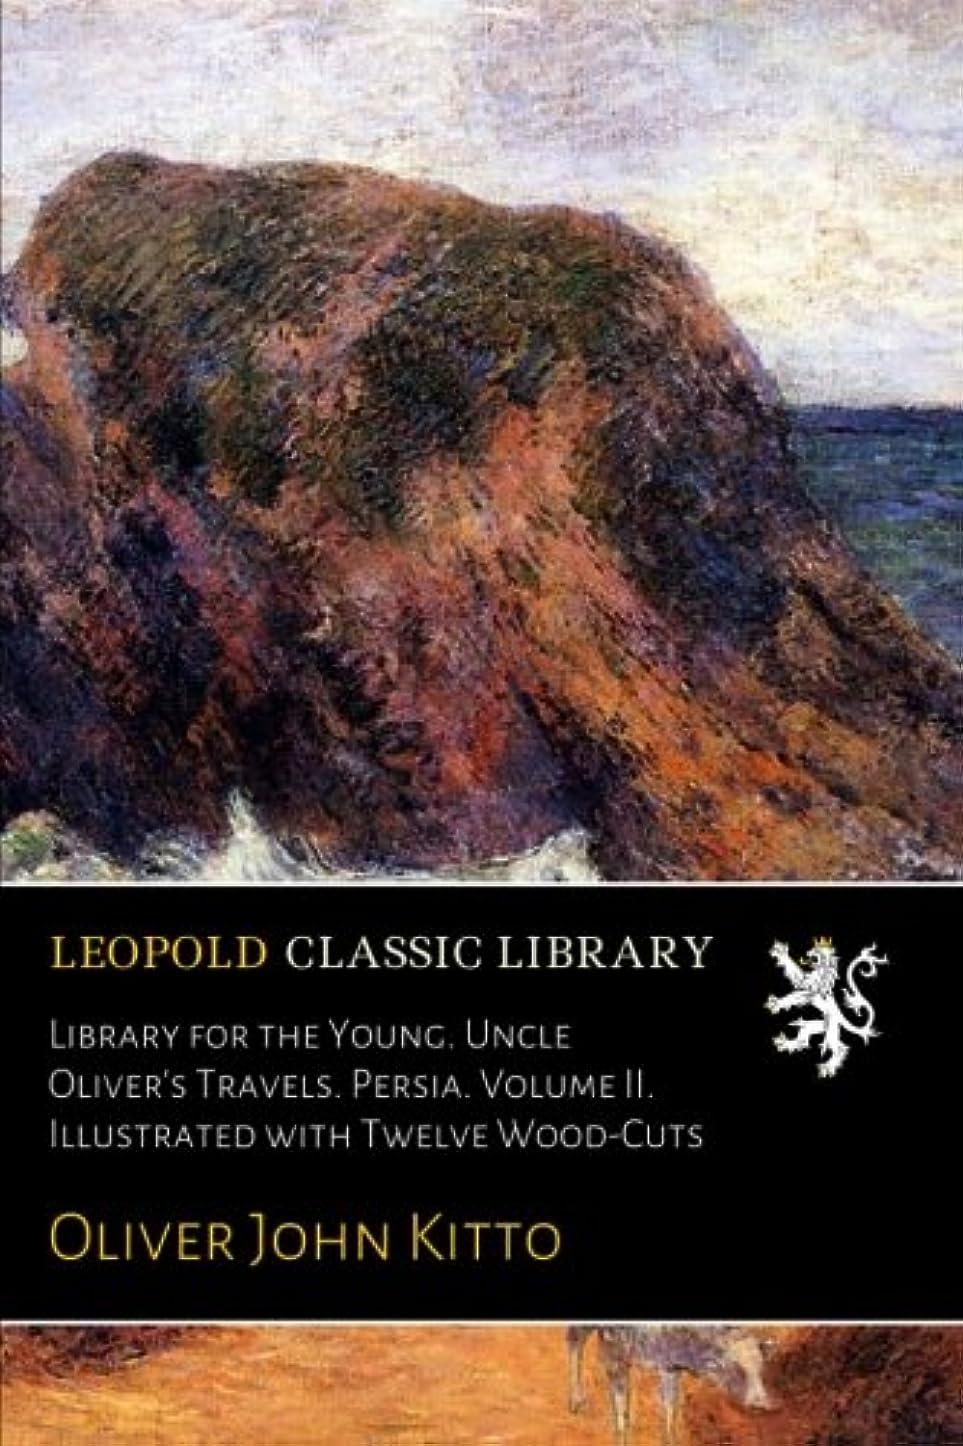 特権自分のために遠えLibrary for the Young. Uncle Oliver's Travels. Persia. Volume II. Illustrated with Twelve Wood-Cuts